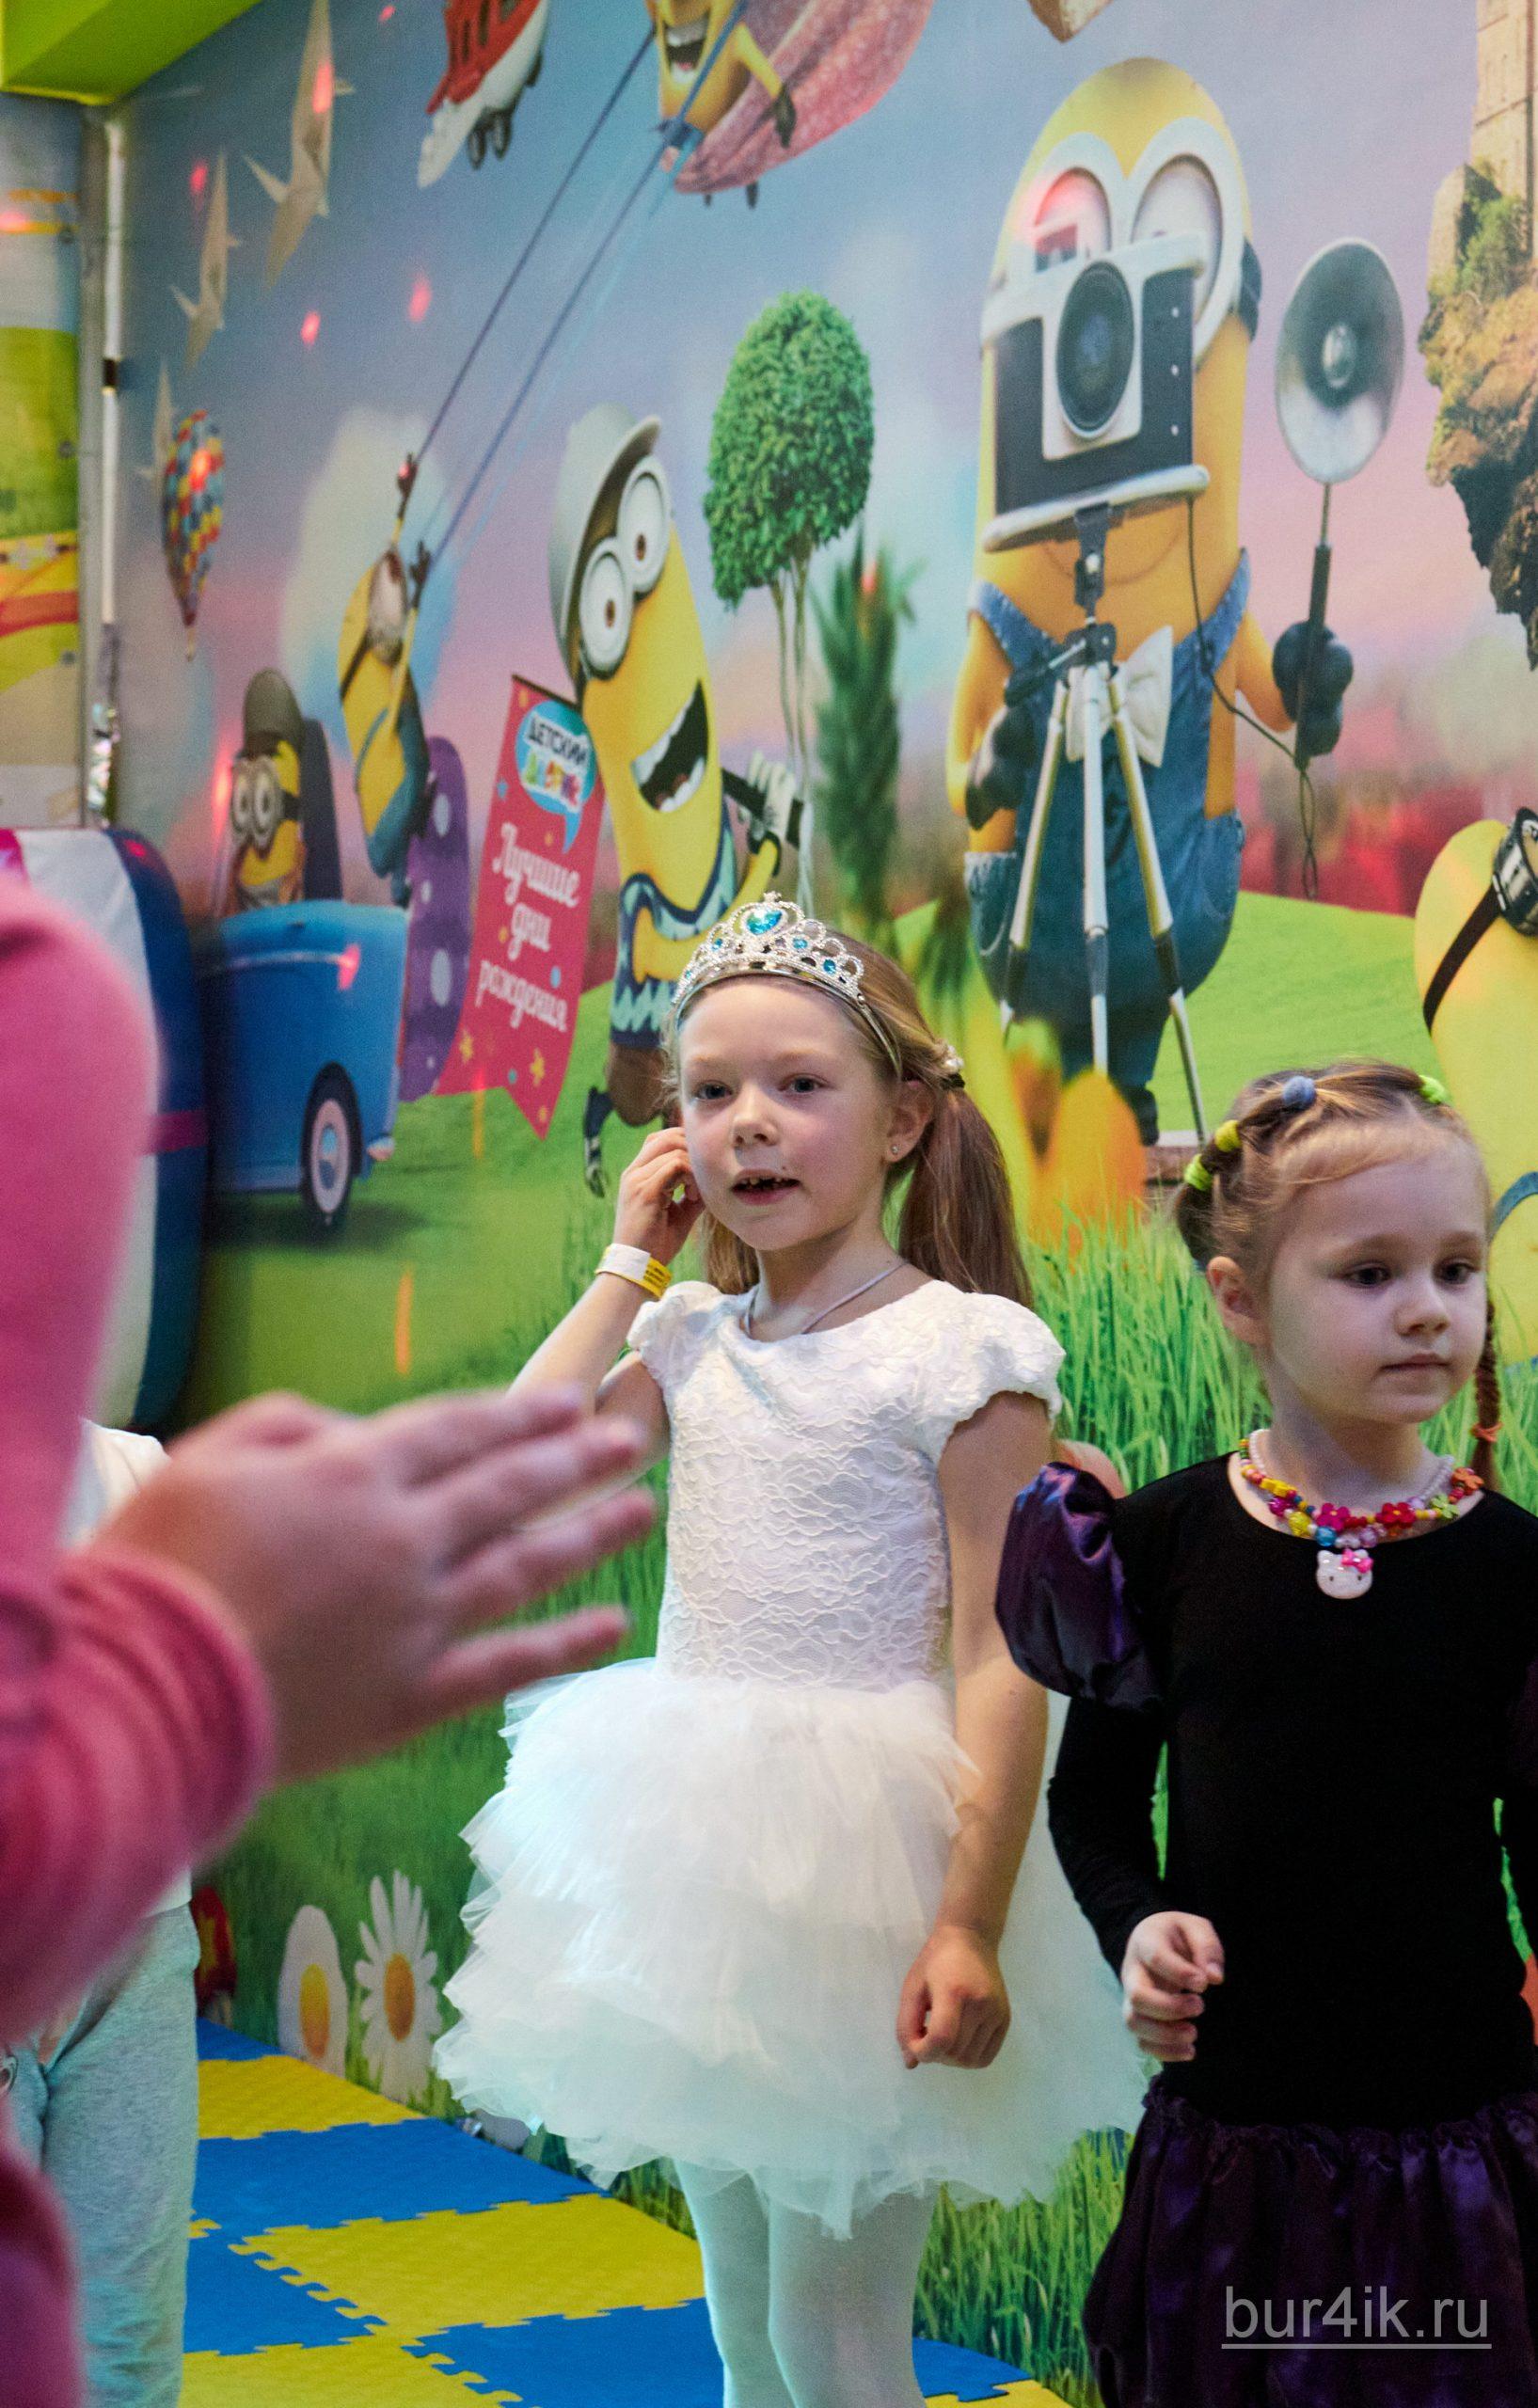 Фото Детское День Рождения в Детский Дворик 15.01.2020 №147 -photo- bur4ik.ru